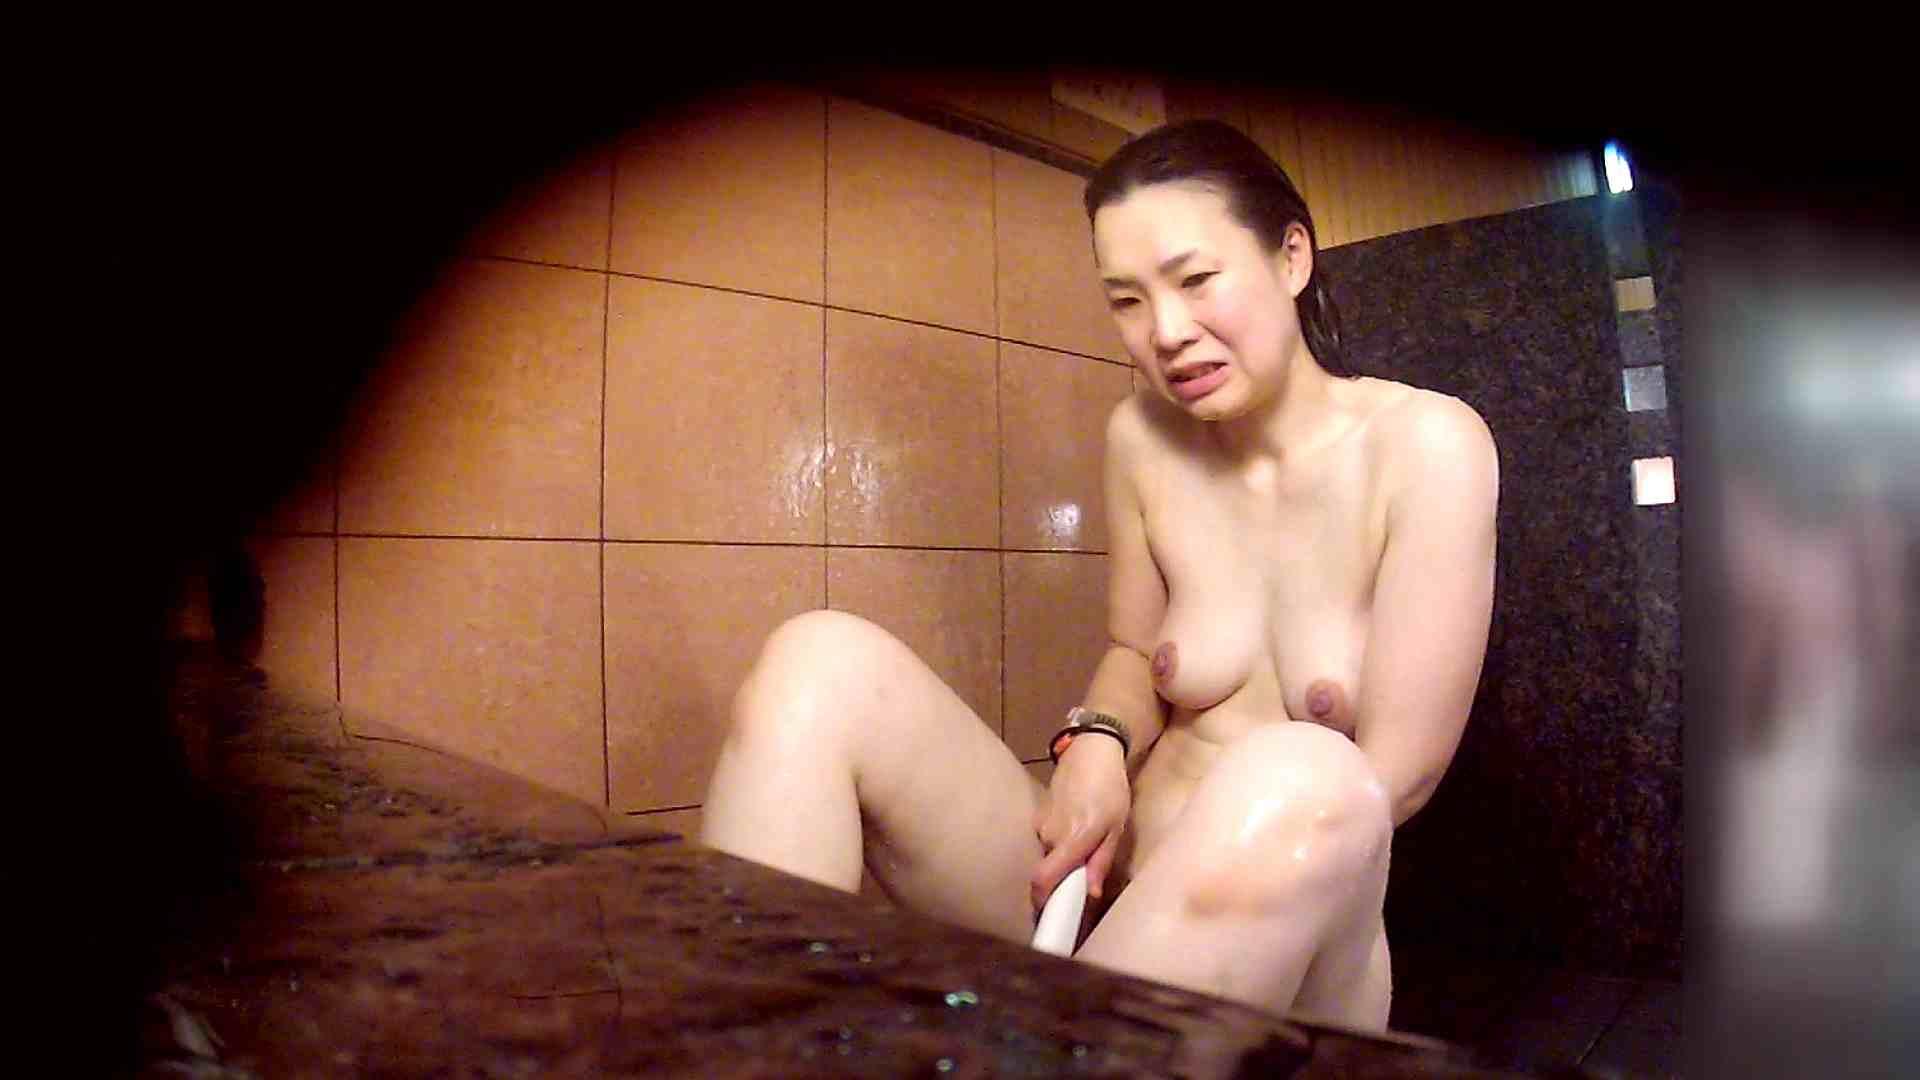 洗い場!マッスルお嬢さん!でもオッパイだけは柔らかそうです。 巨乳 | むっちり  108画像 87